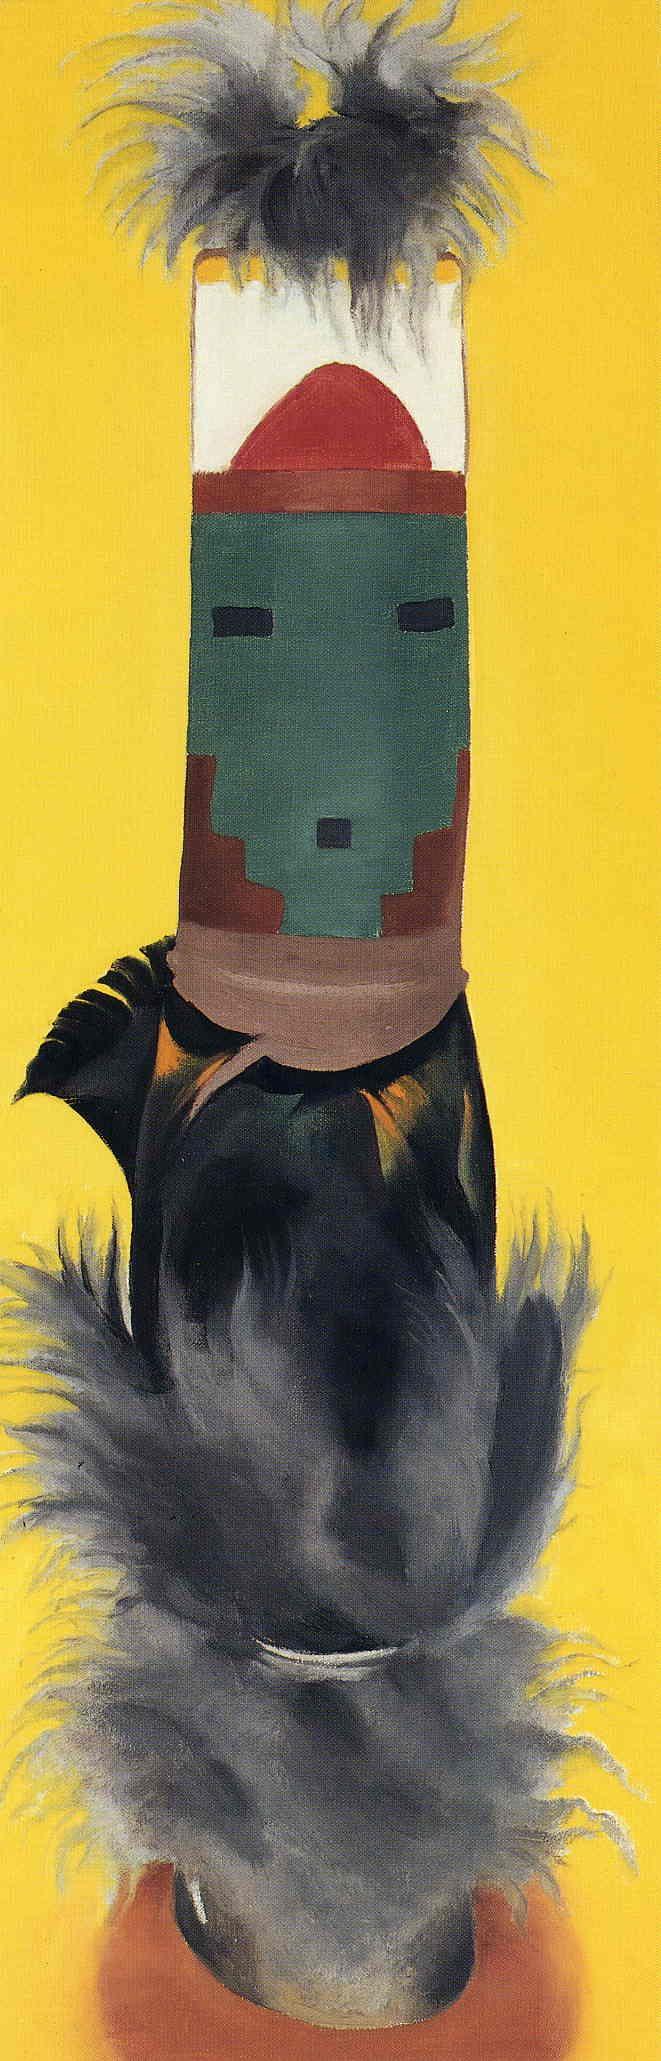 Kachina (1945) by Georgia O'Keeffe